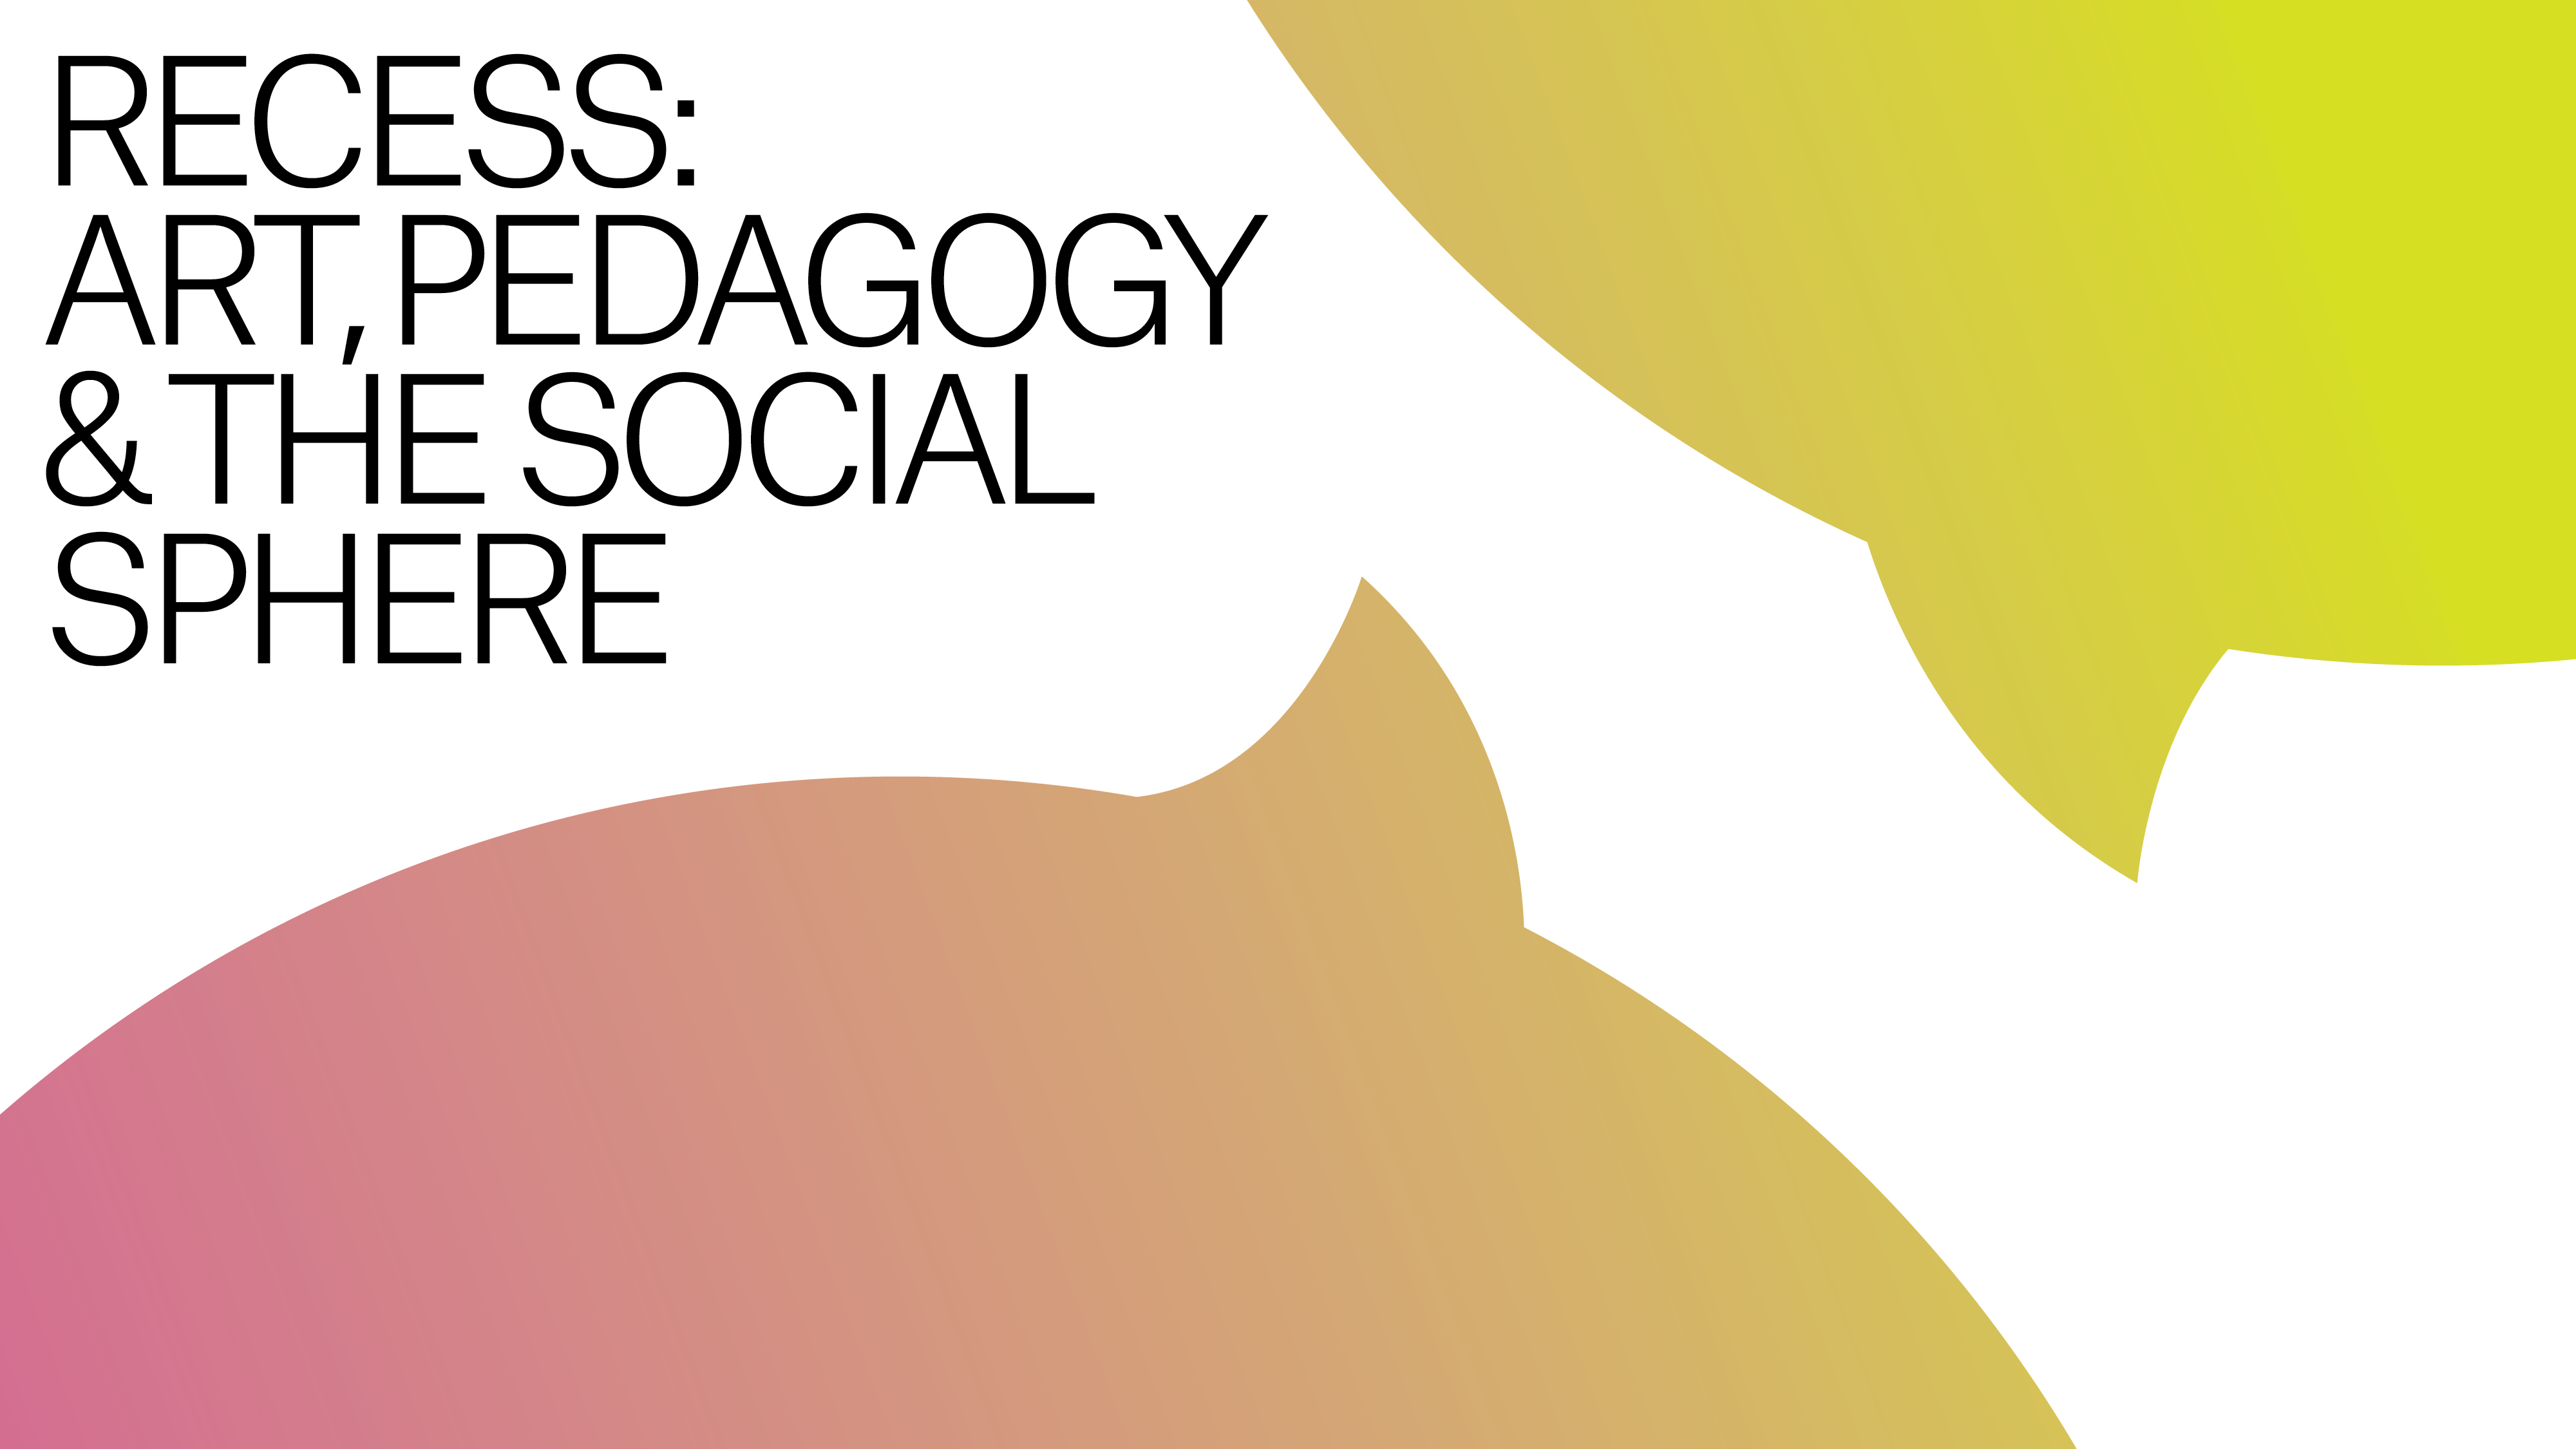 Recess > Arte, pedagogía y esfera social